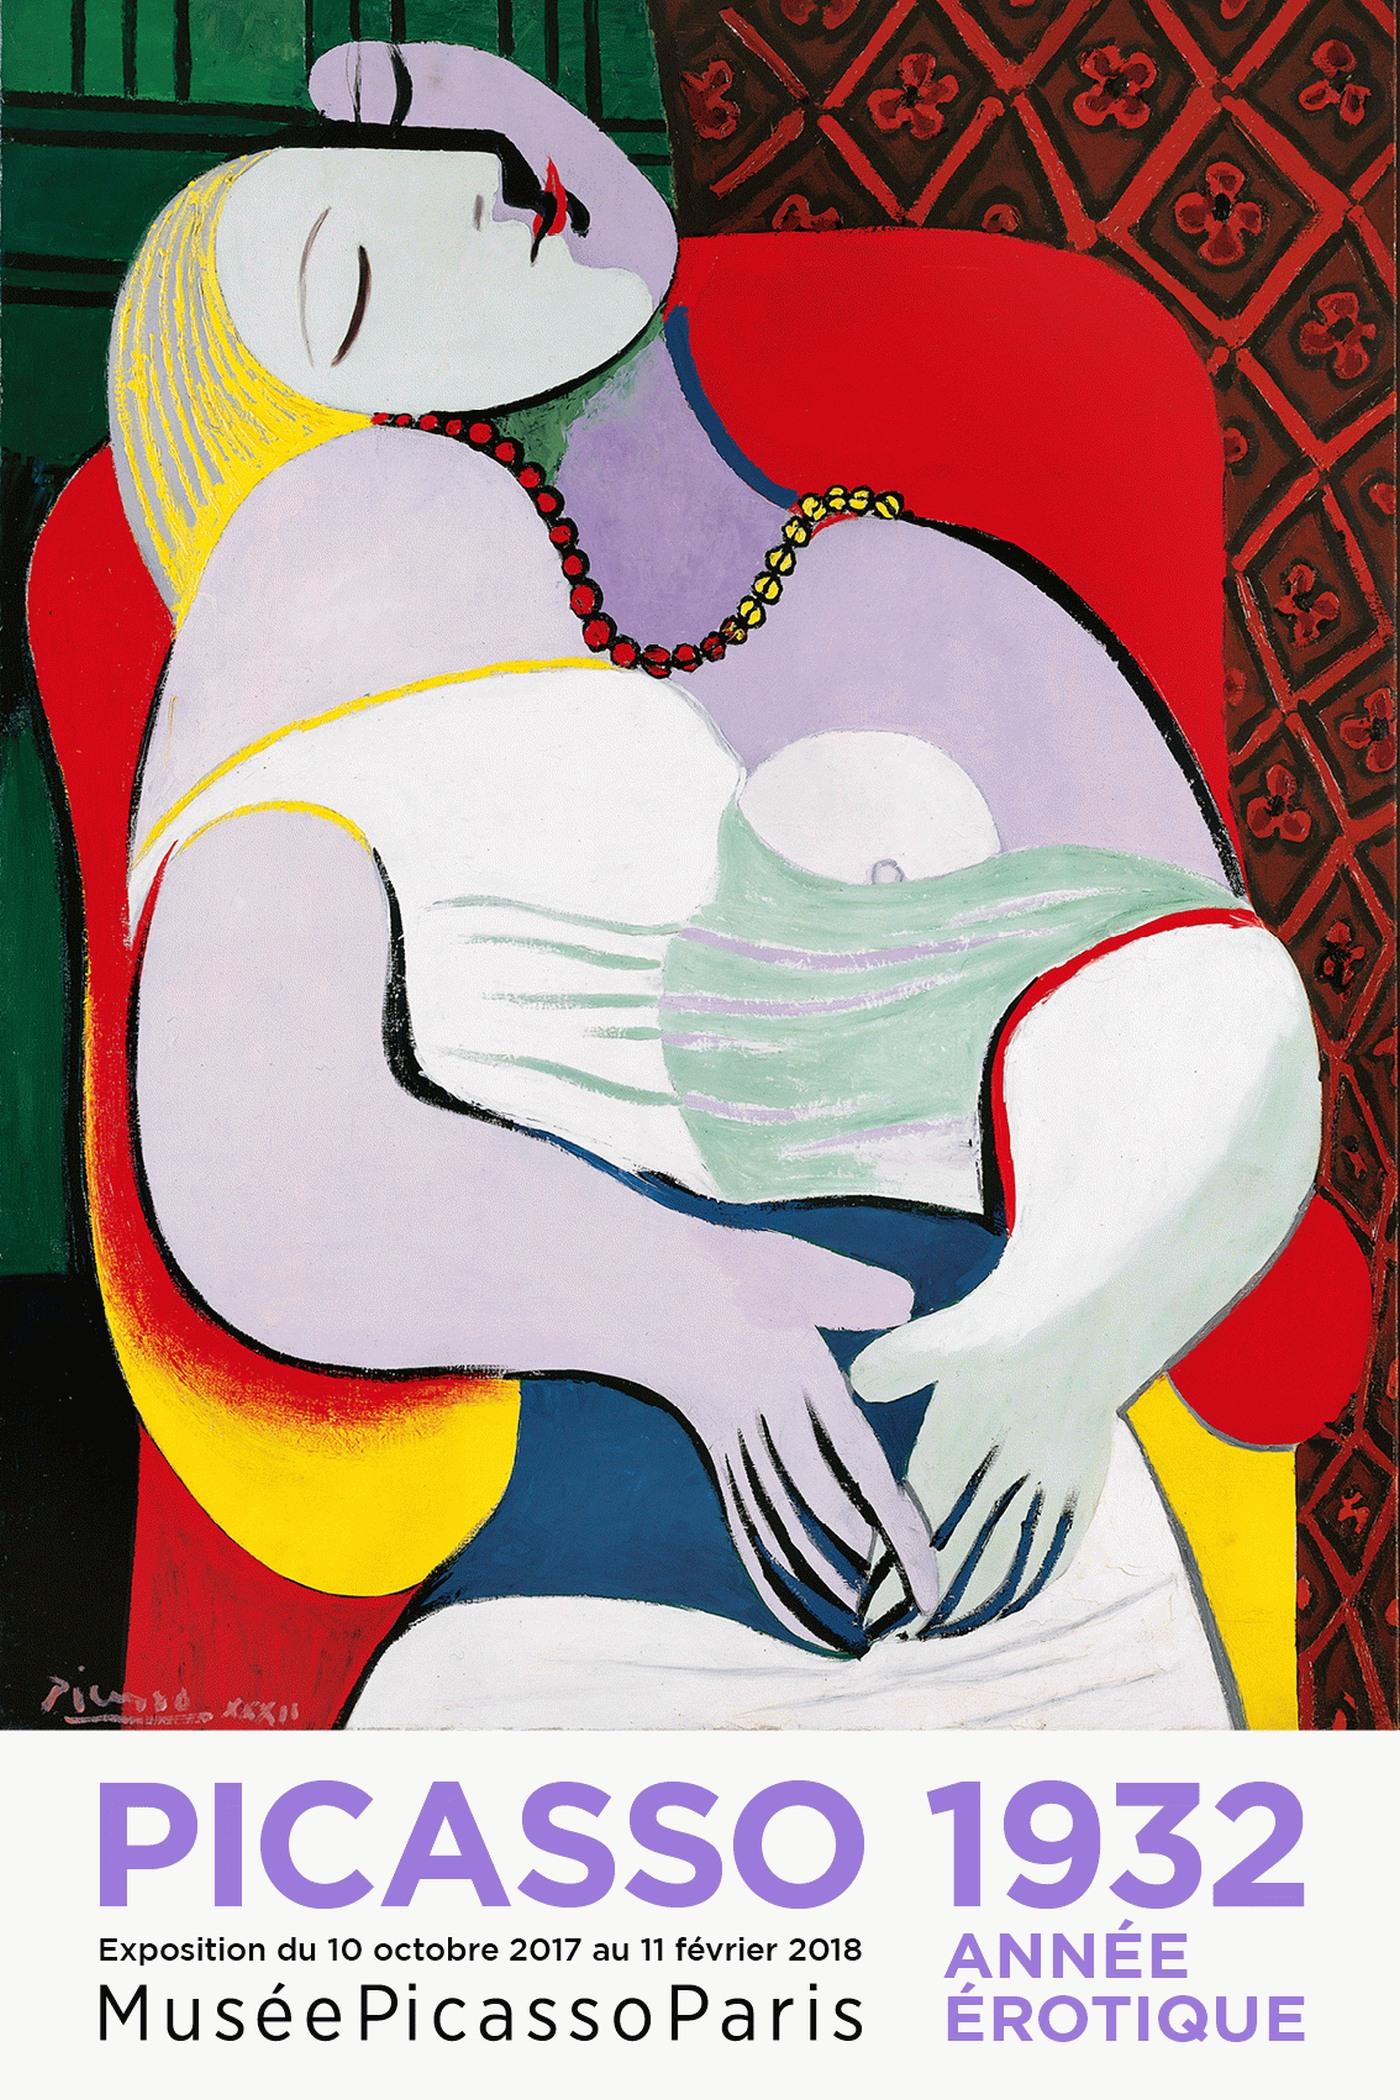 Sexualité...... - Page 10 Picasso_1932_affiche_40x60